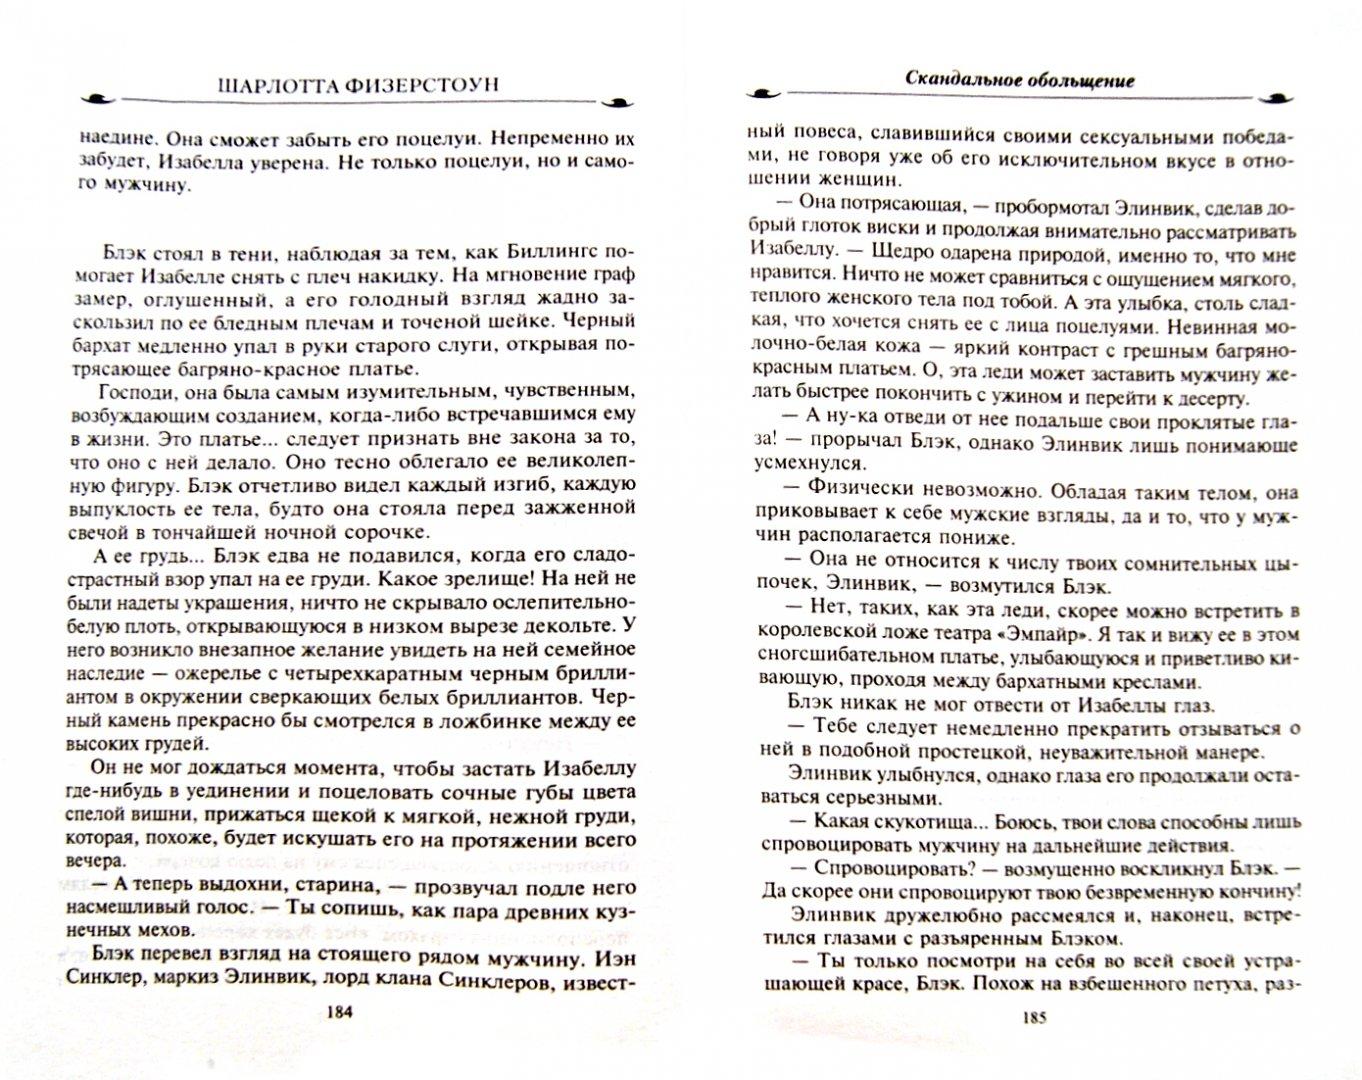 Иллюстрация 1 из 6 для Скандальное обольщение - Шарлотта Физерстоун | Лабиринт - книги. Источник: Лабиринт